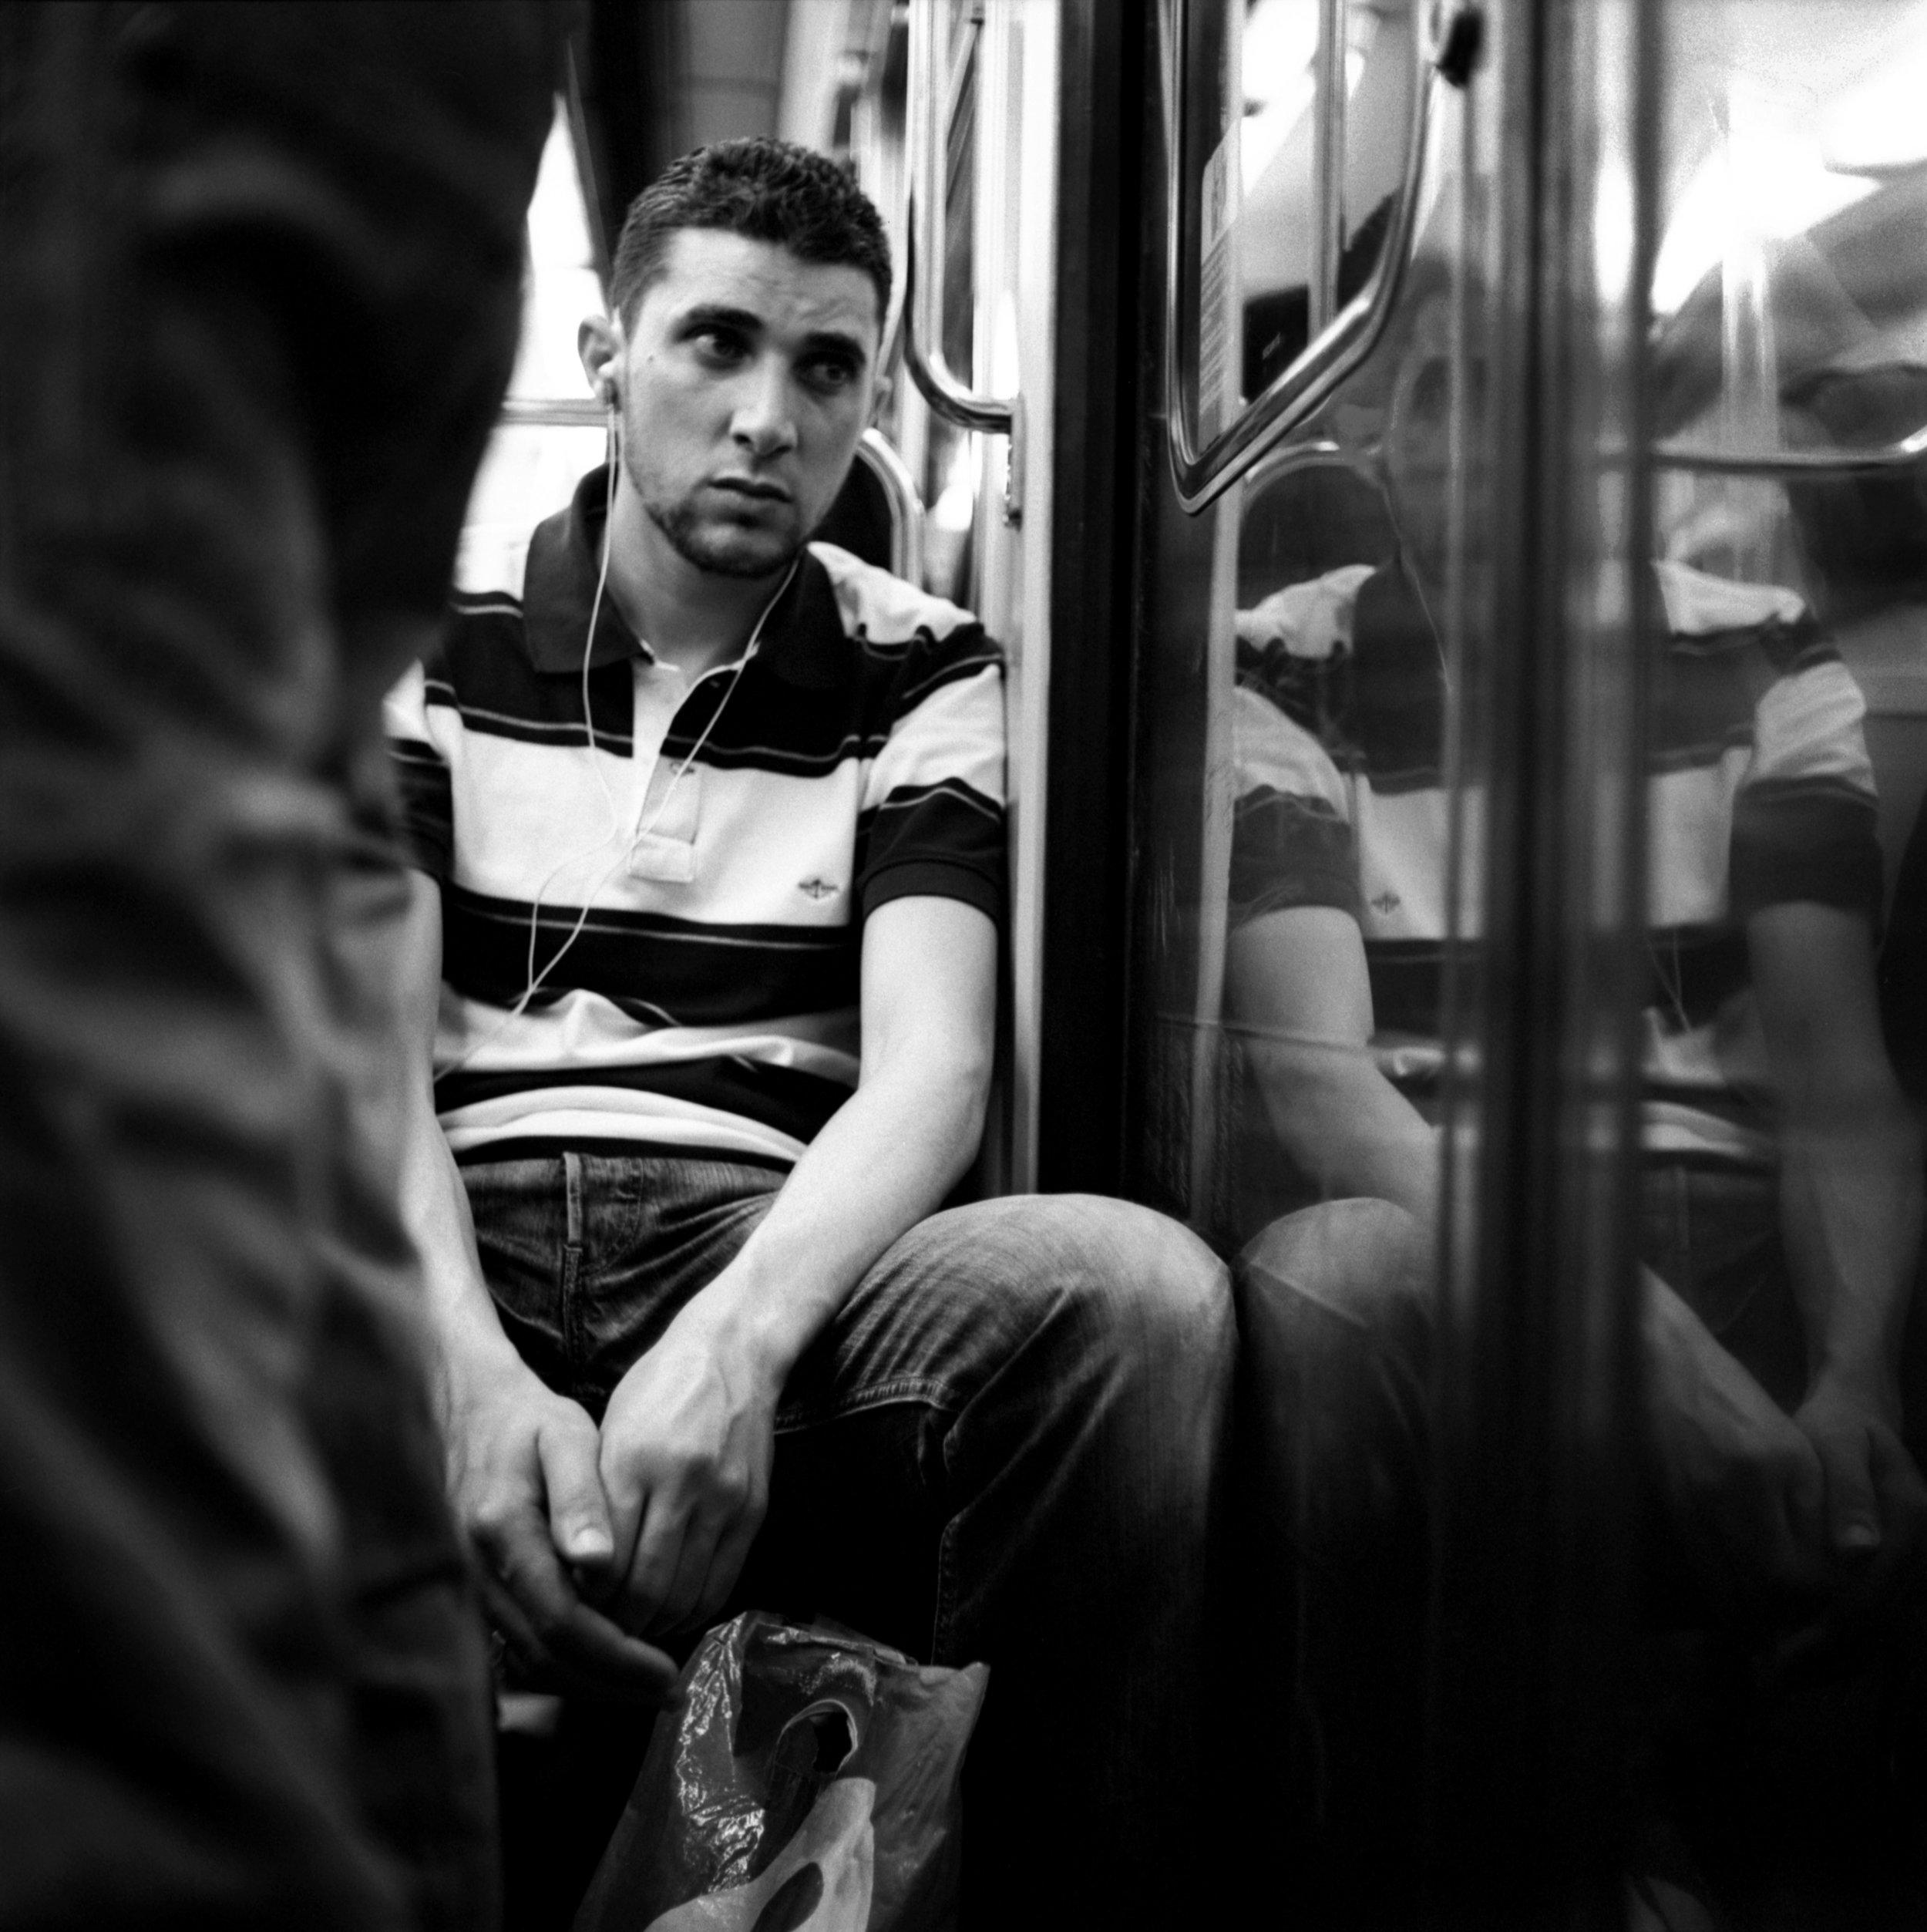 KhanhDT-Subway-008.jpg